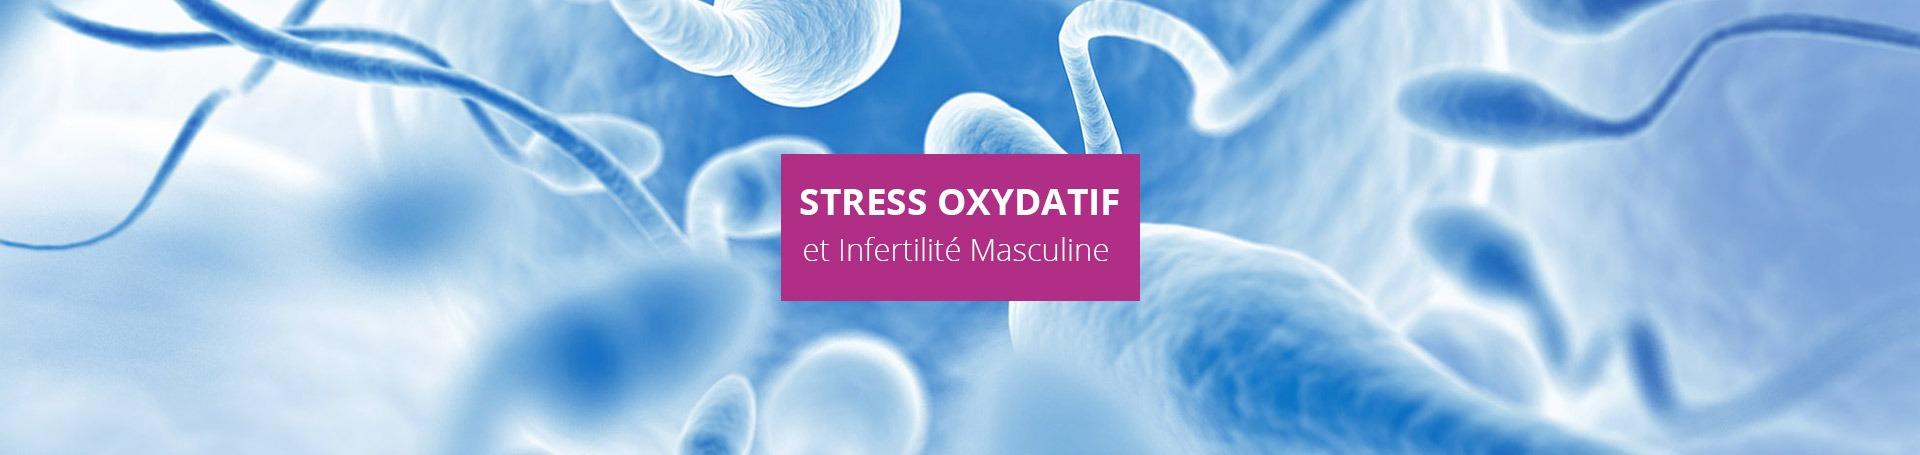 slider-stress-fr